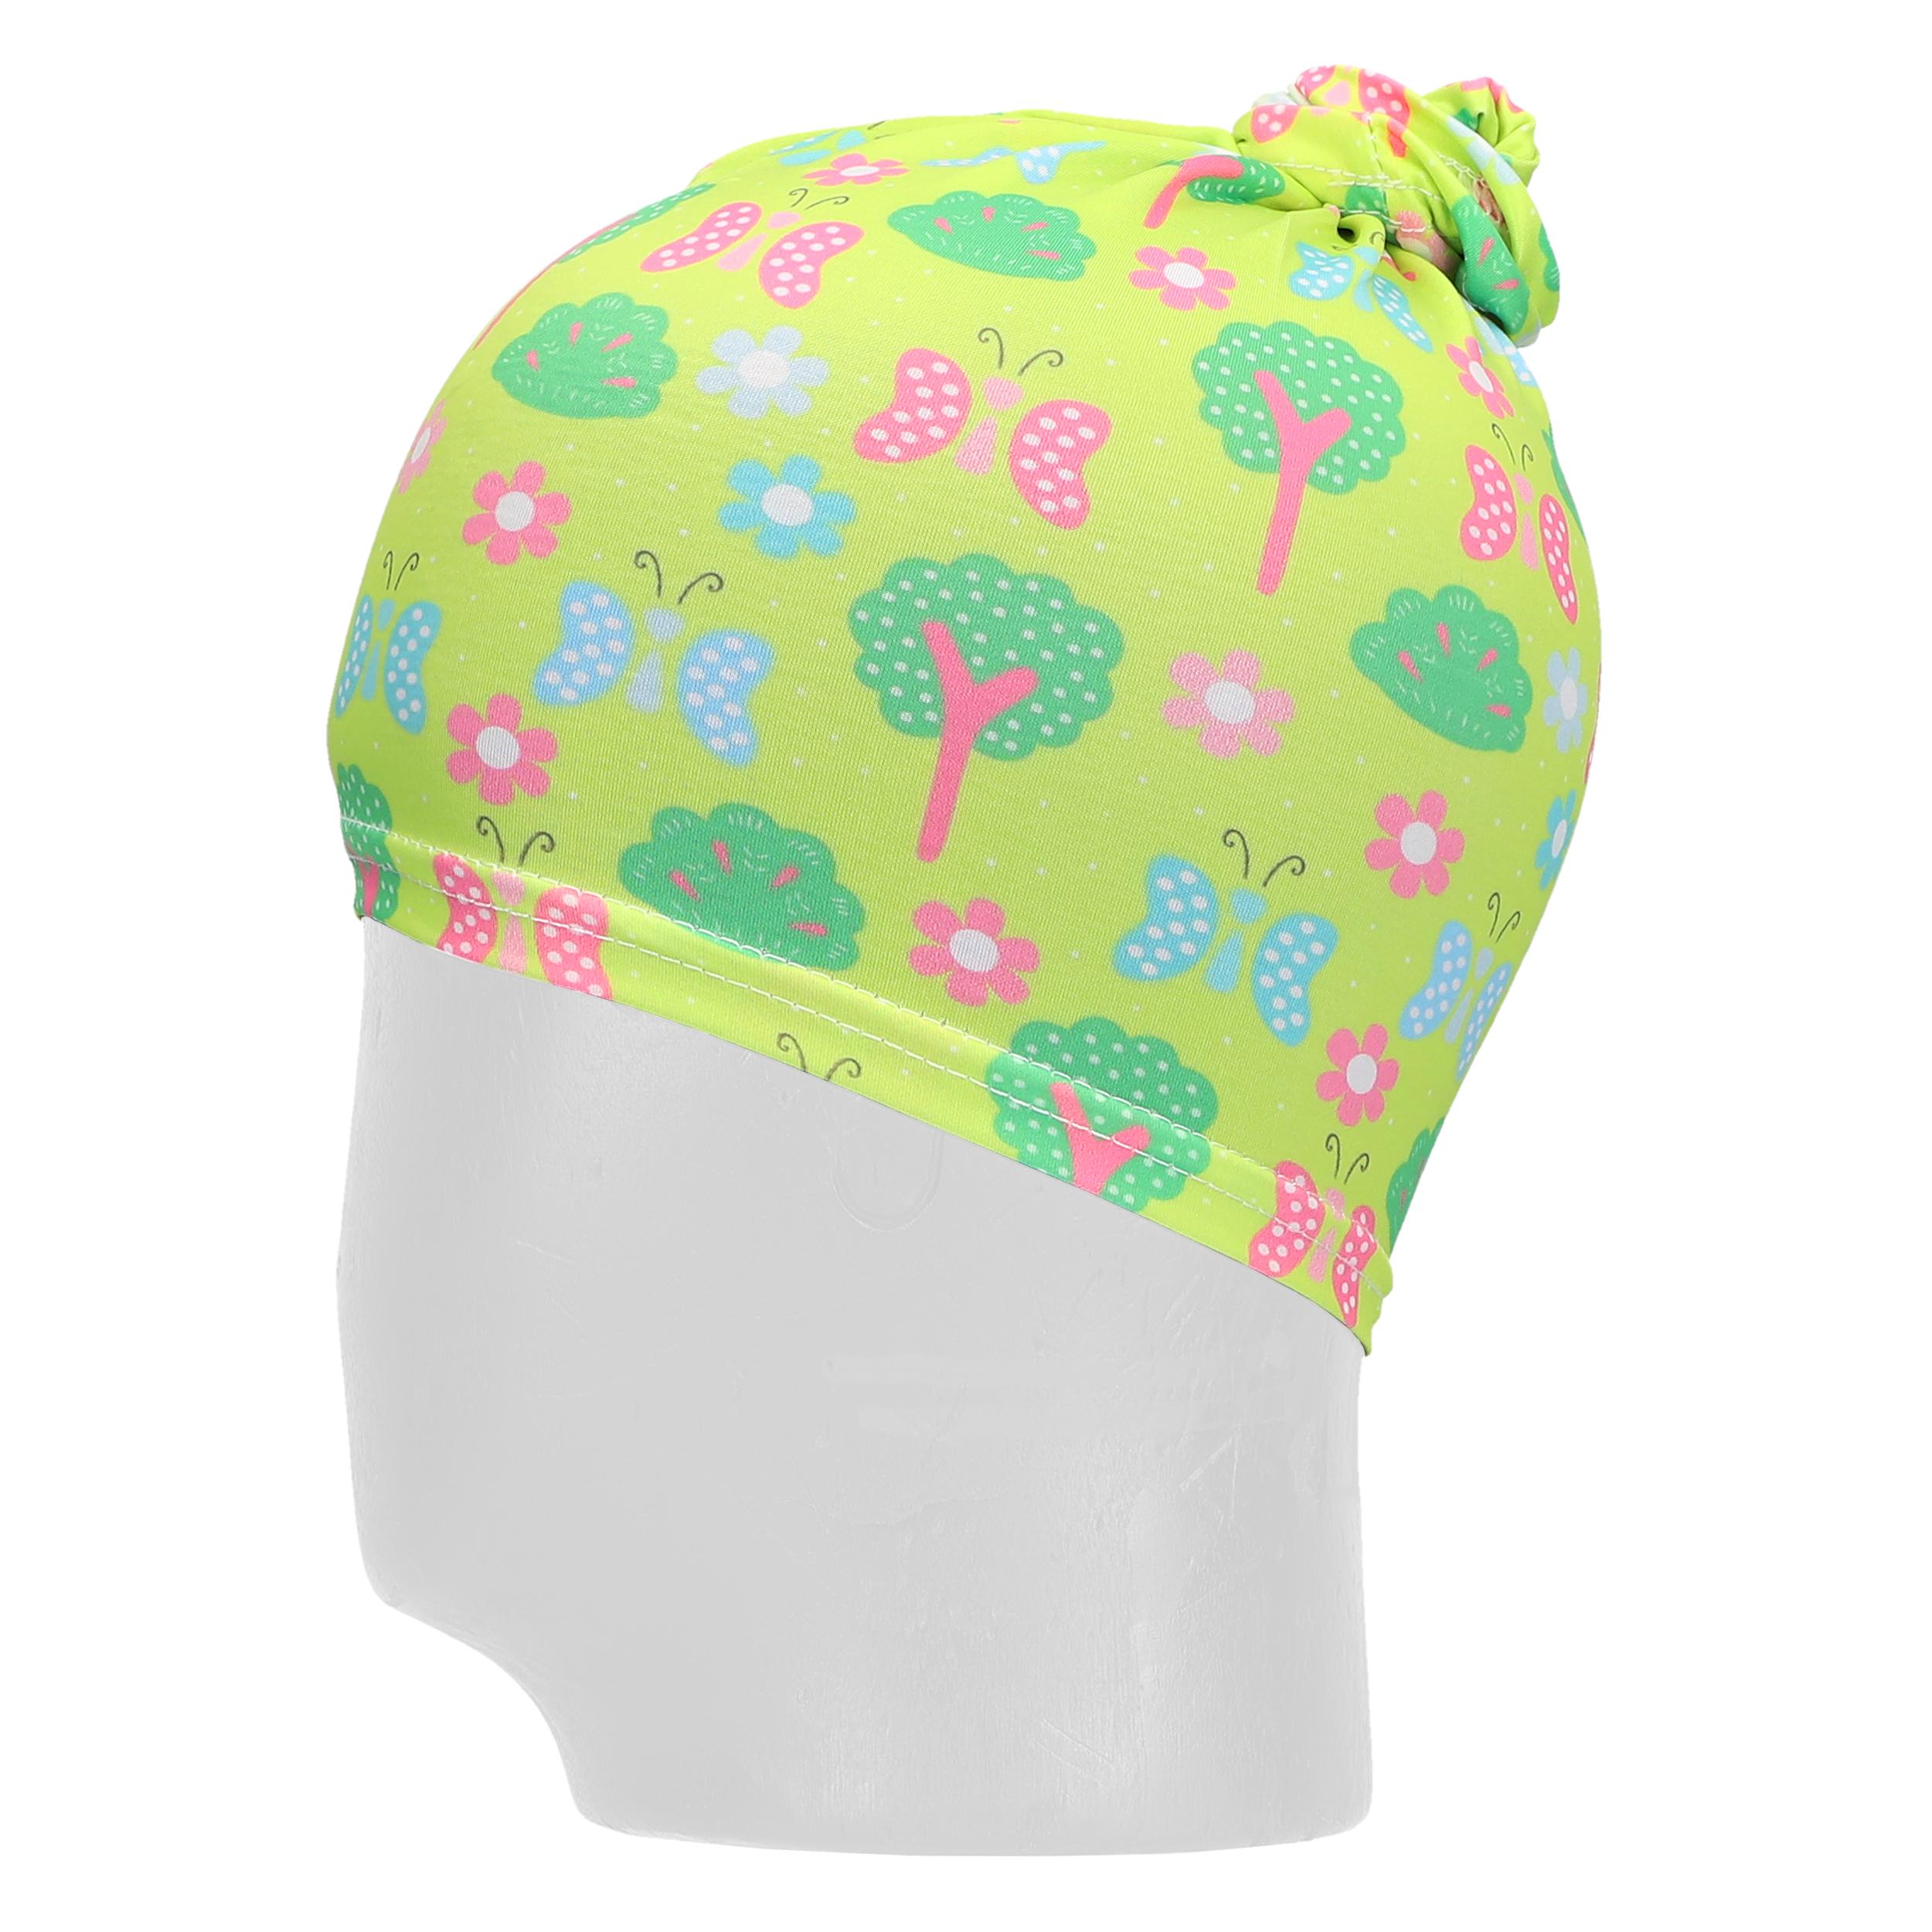 Indexbild 31 - Kinder Schlauchschal Maske Gesichtsmaske Mund Nase Bedeckung Halstuch waschbar